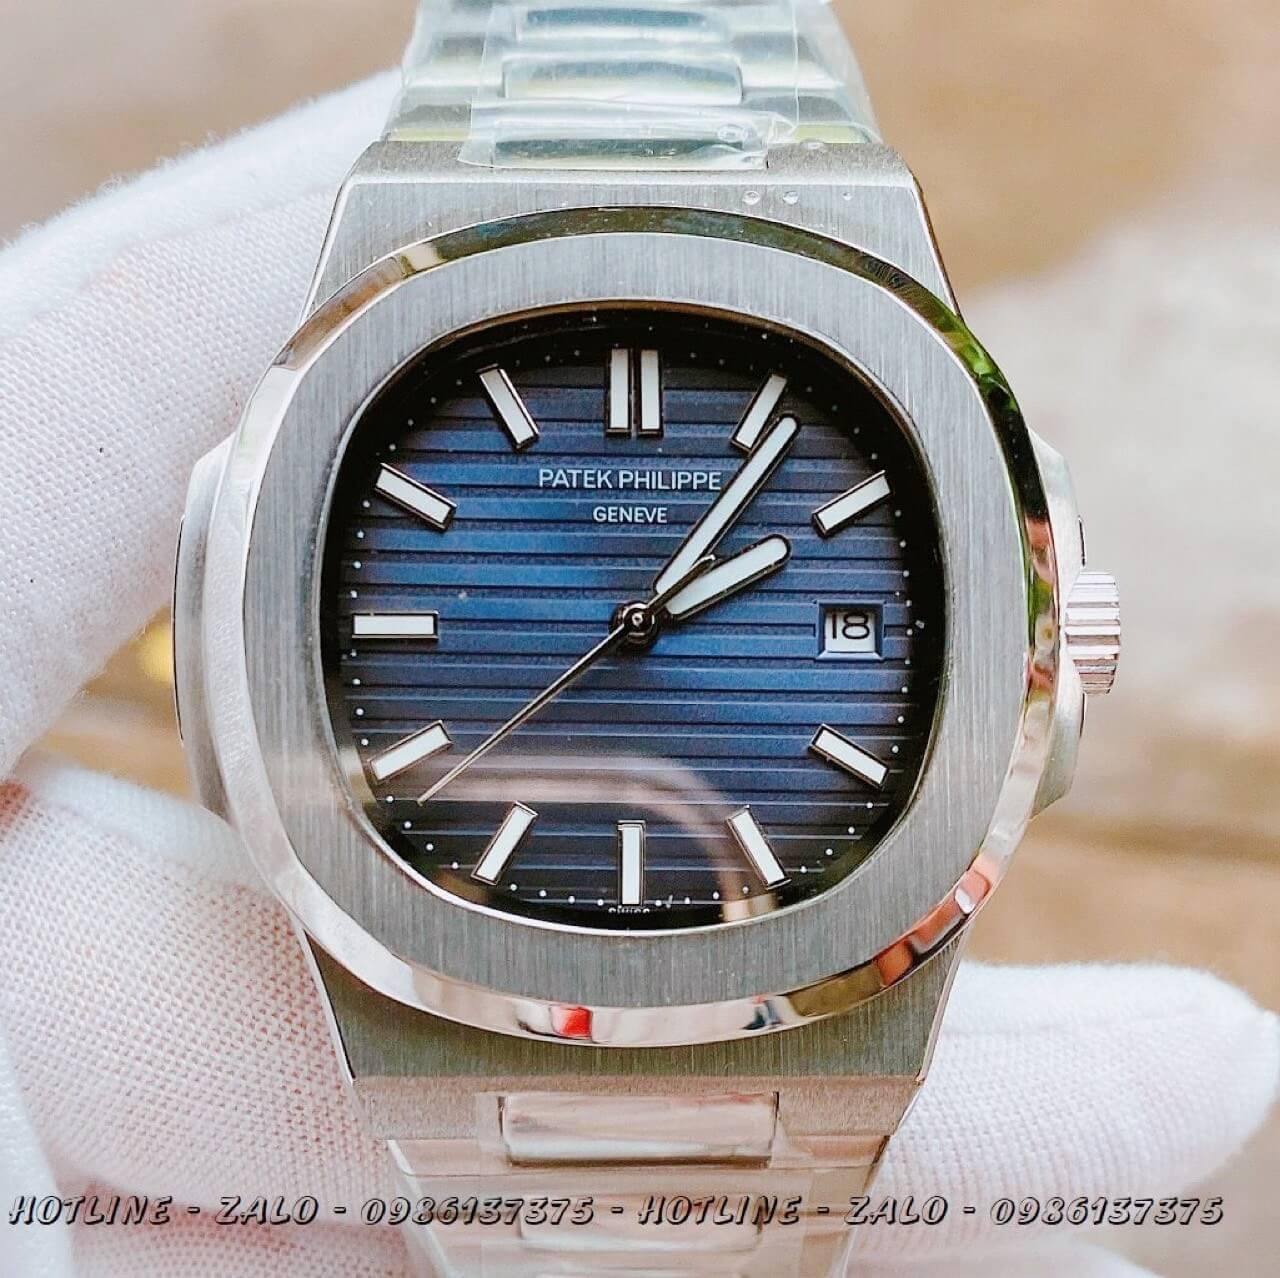 Đồng Hồ Nam Patek Philippe Automatic Bạc Mặt Xanh 40mm